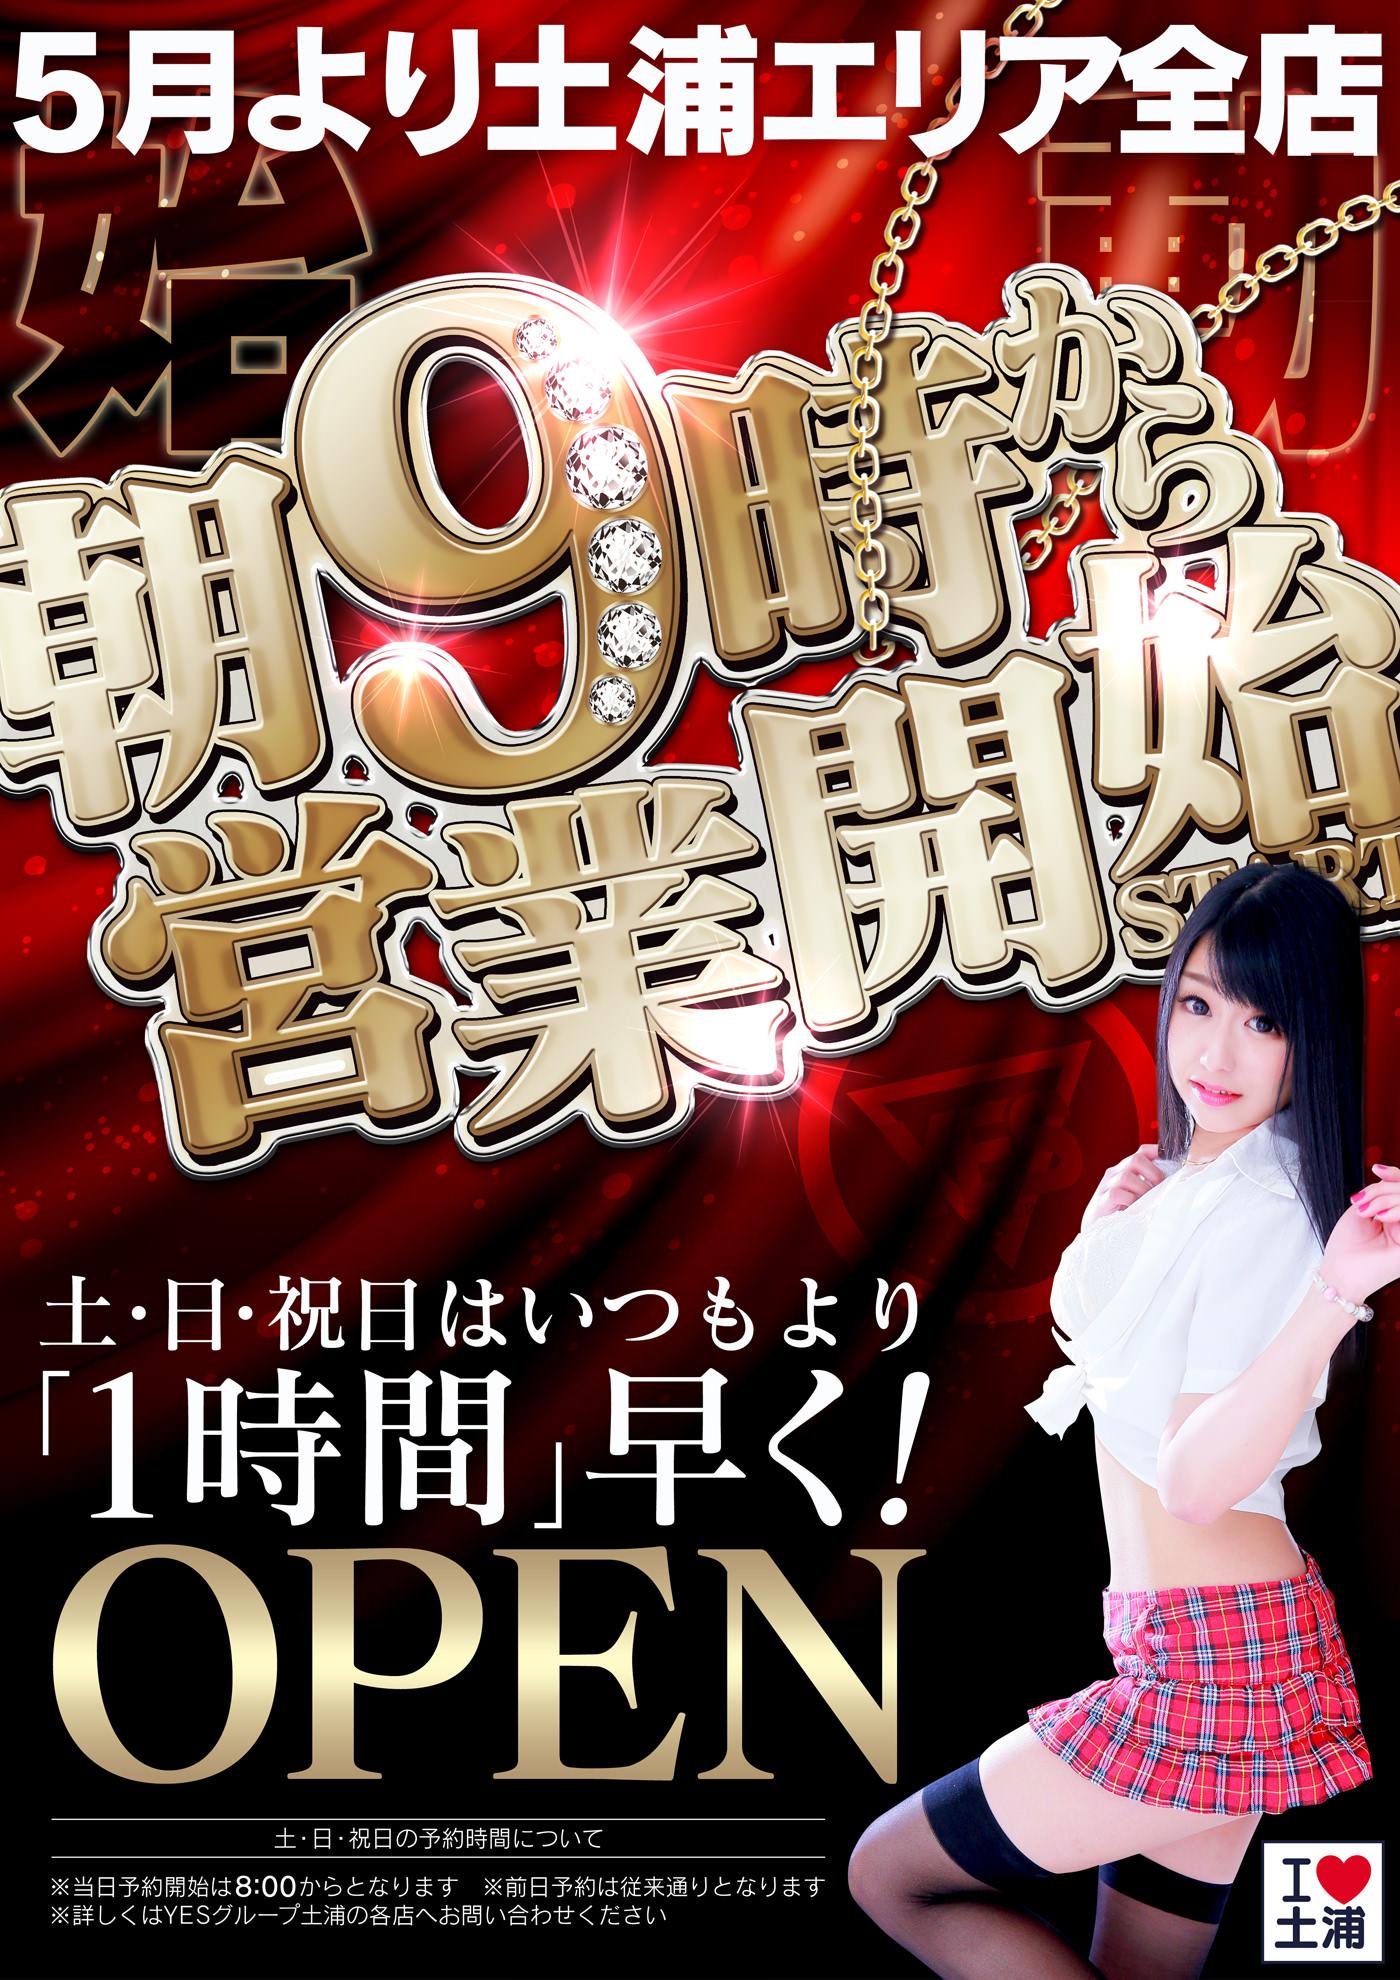 朝9時から営業開始START!!